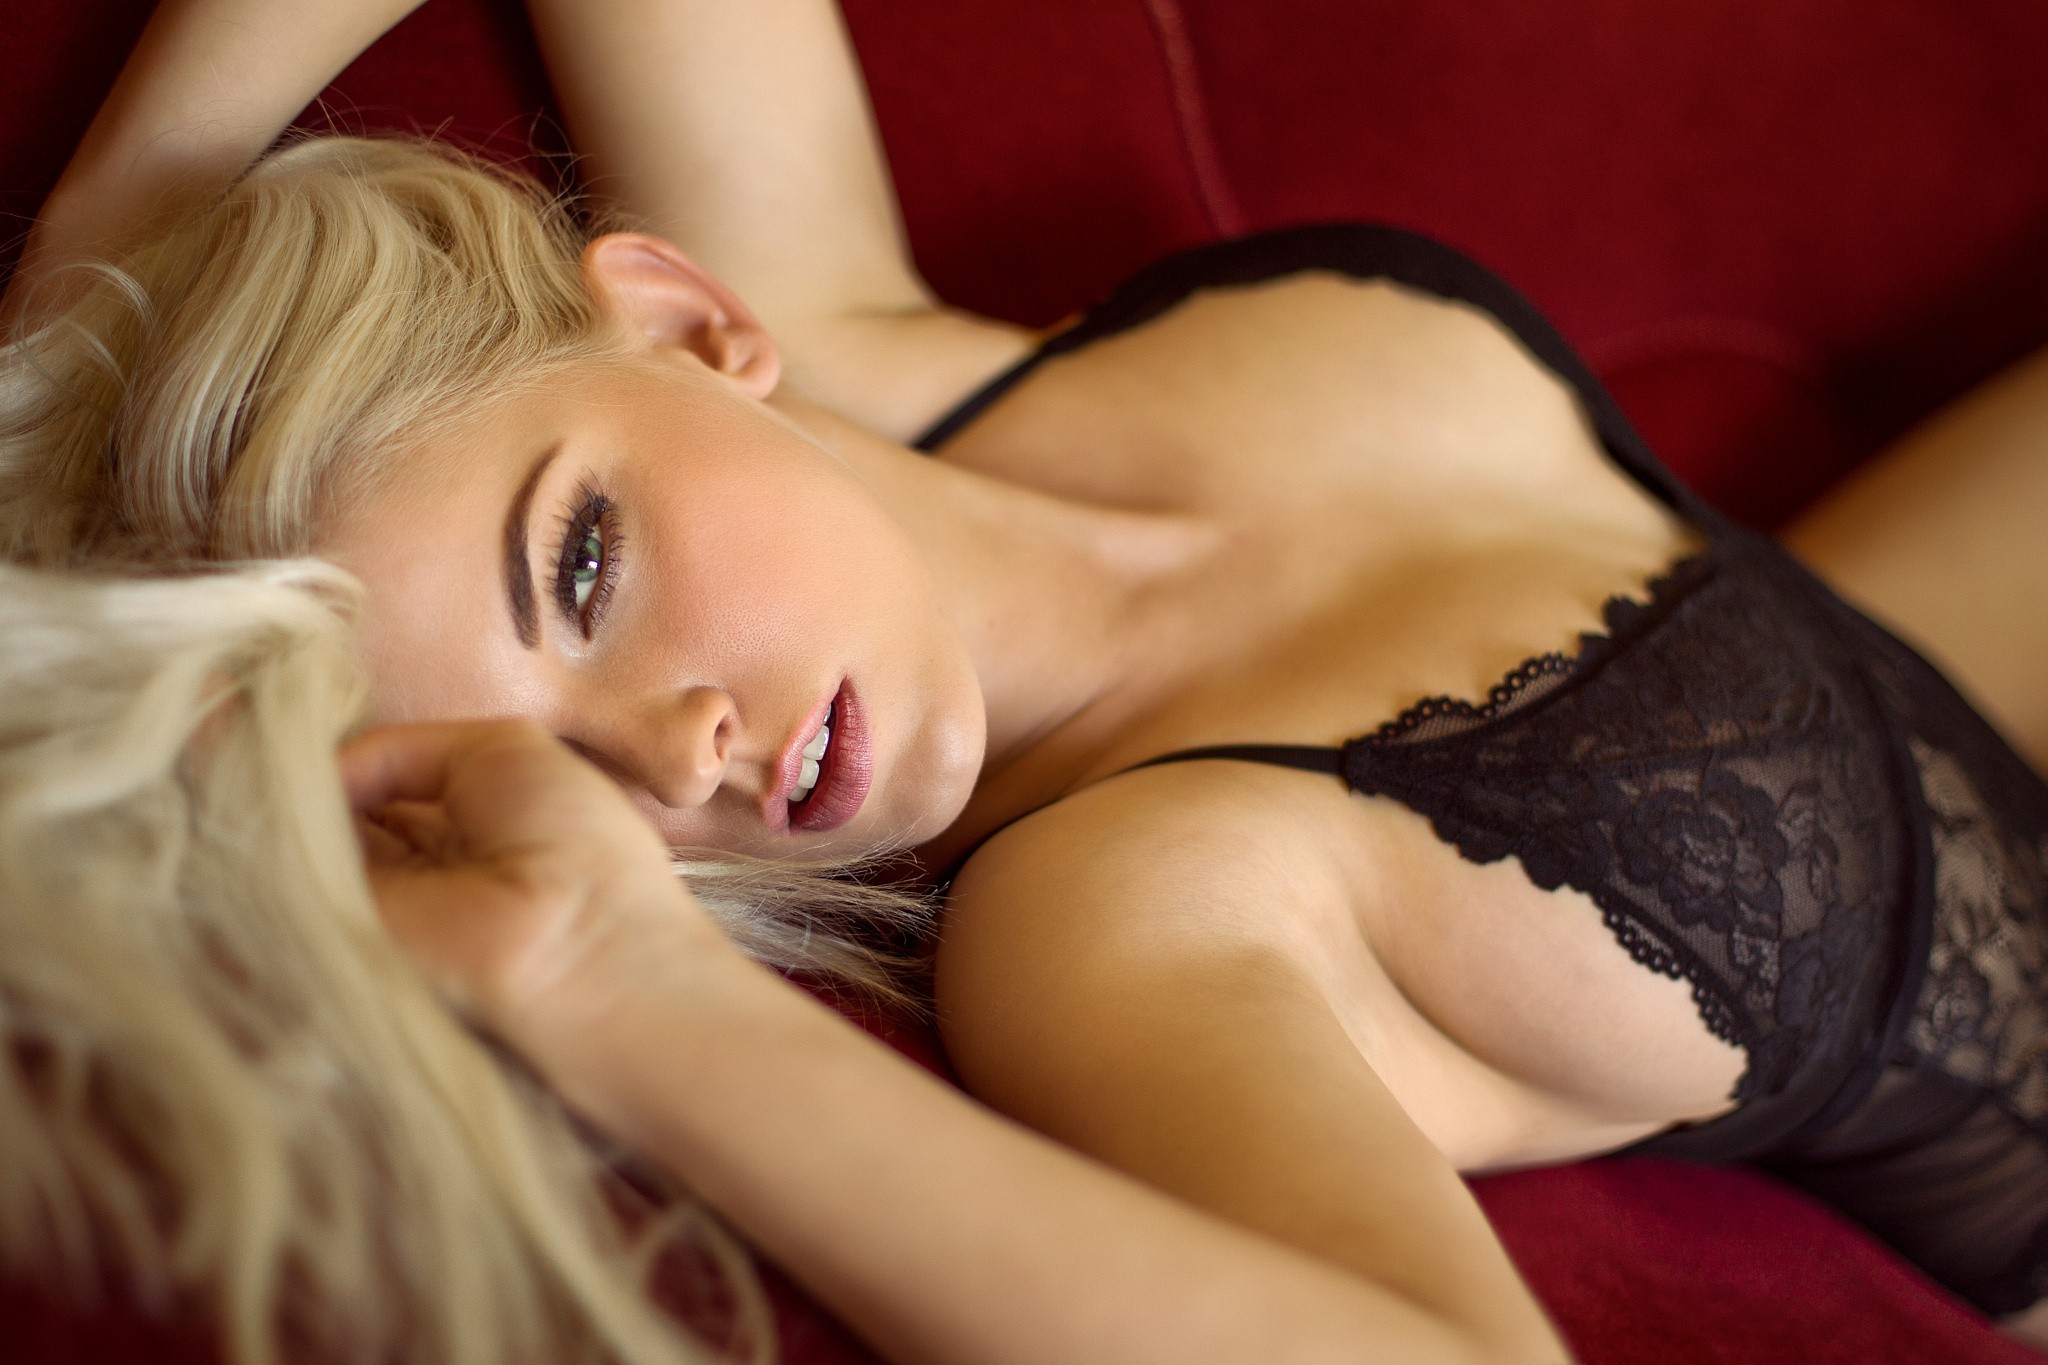 Молодая сексуальная блондинка 42 фото